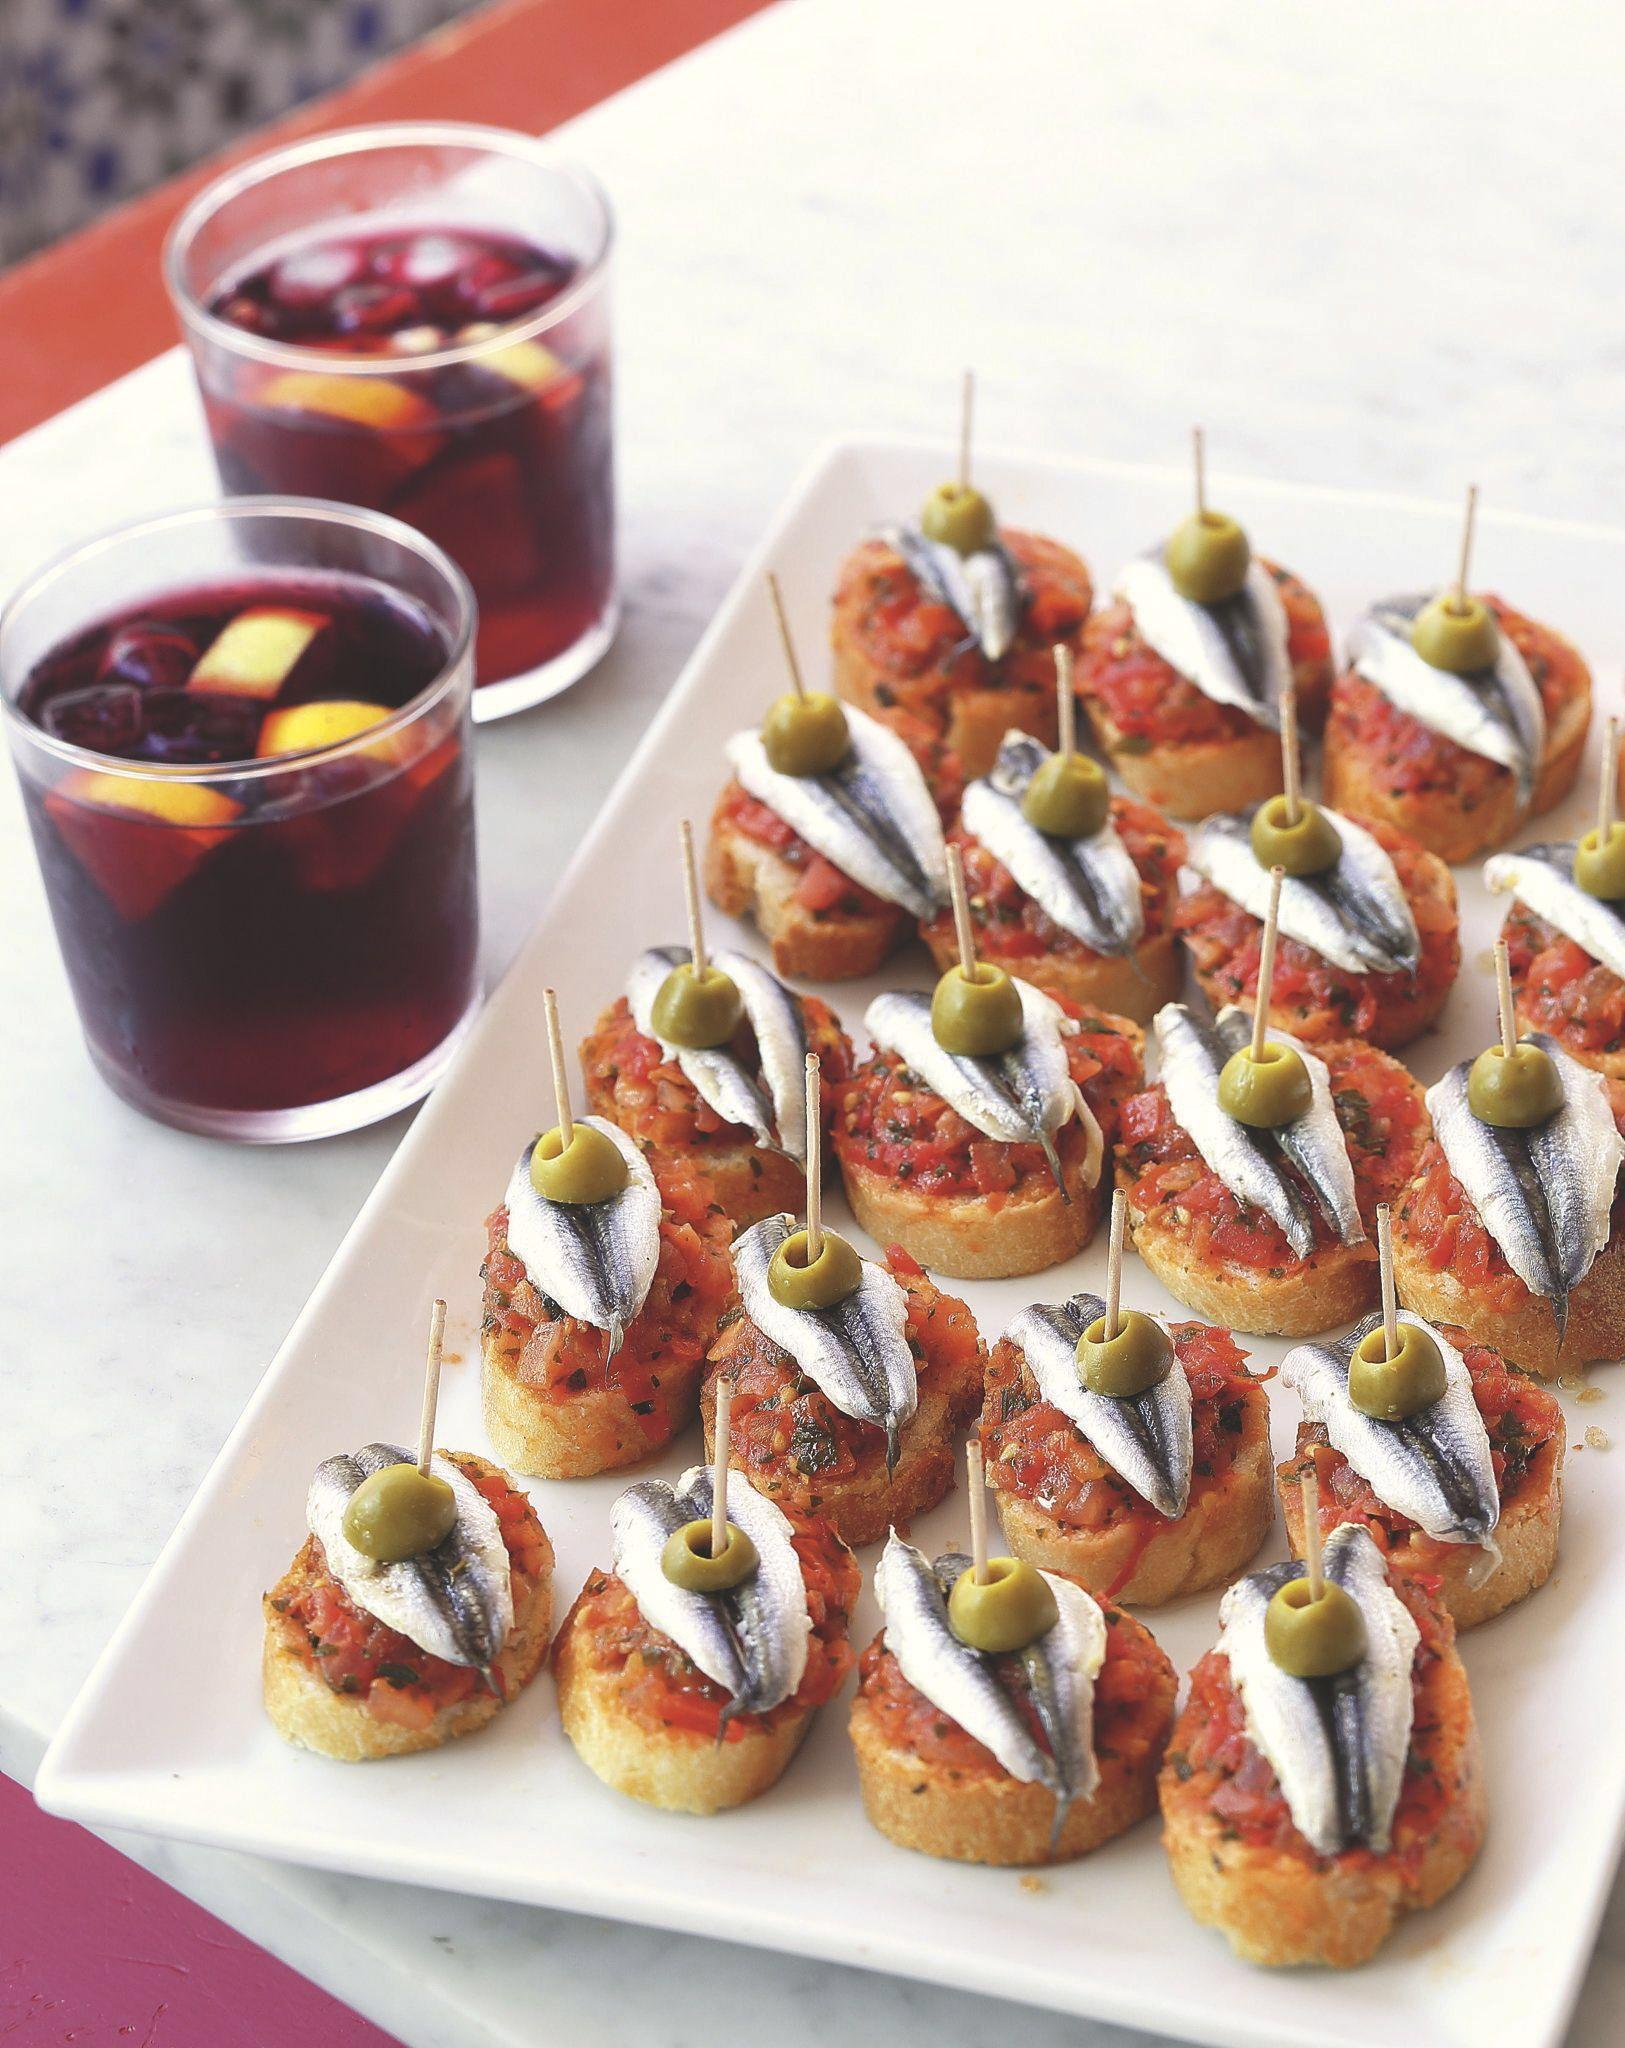 Pays Basque Hotels Et Restaurants Deco Recette Basque Recette Tapas Espagnol Recettes De Cuisine